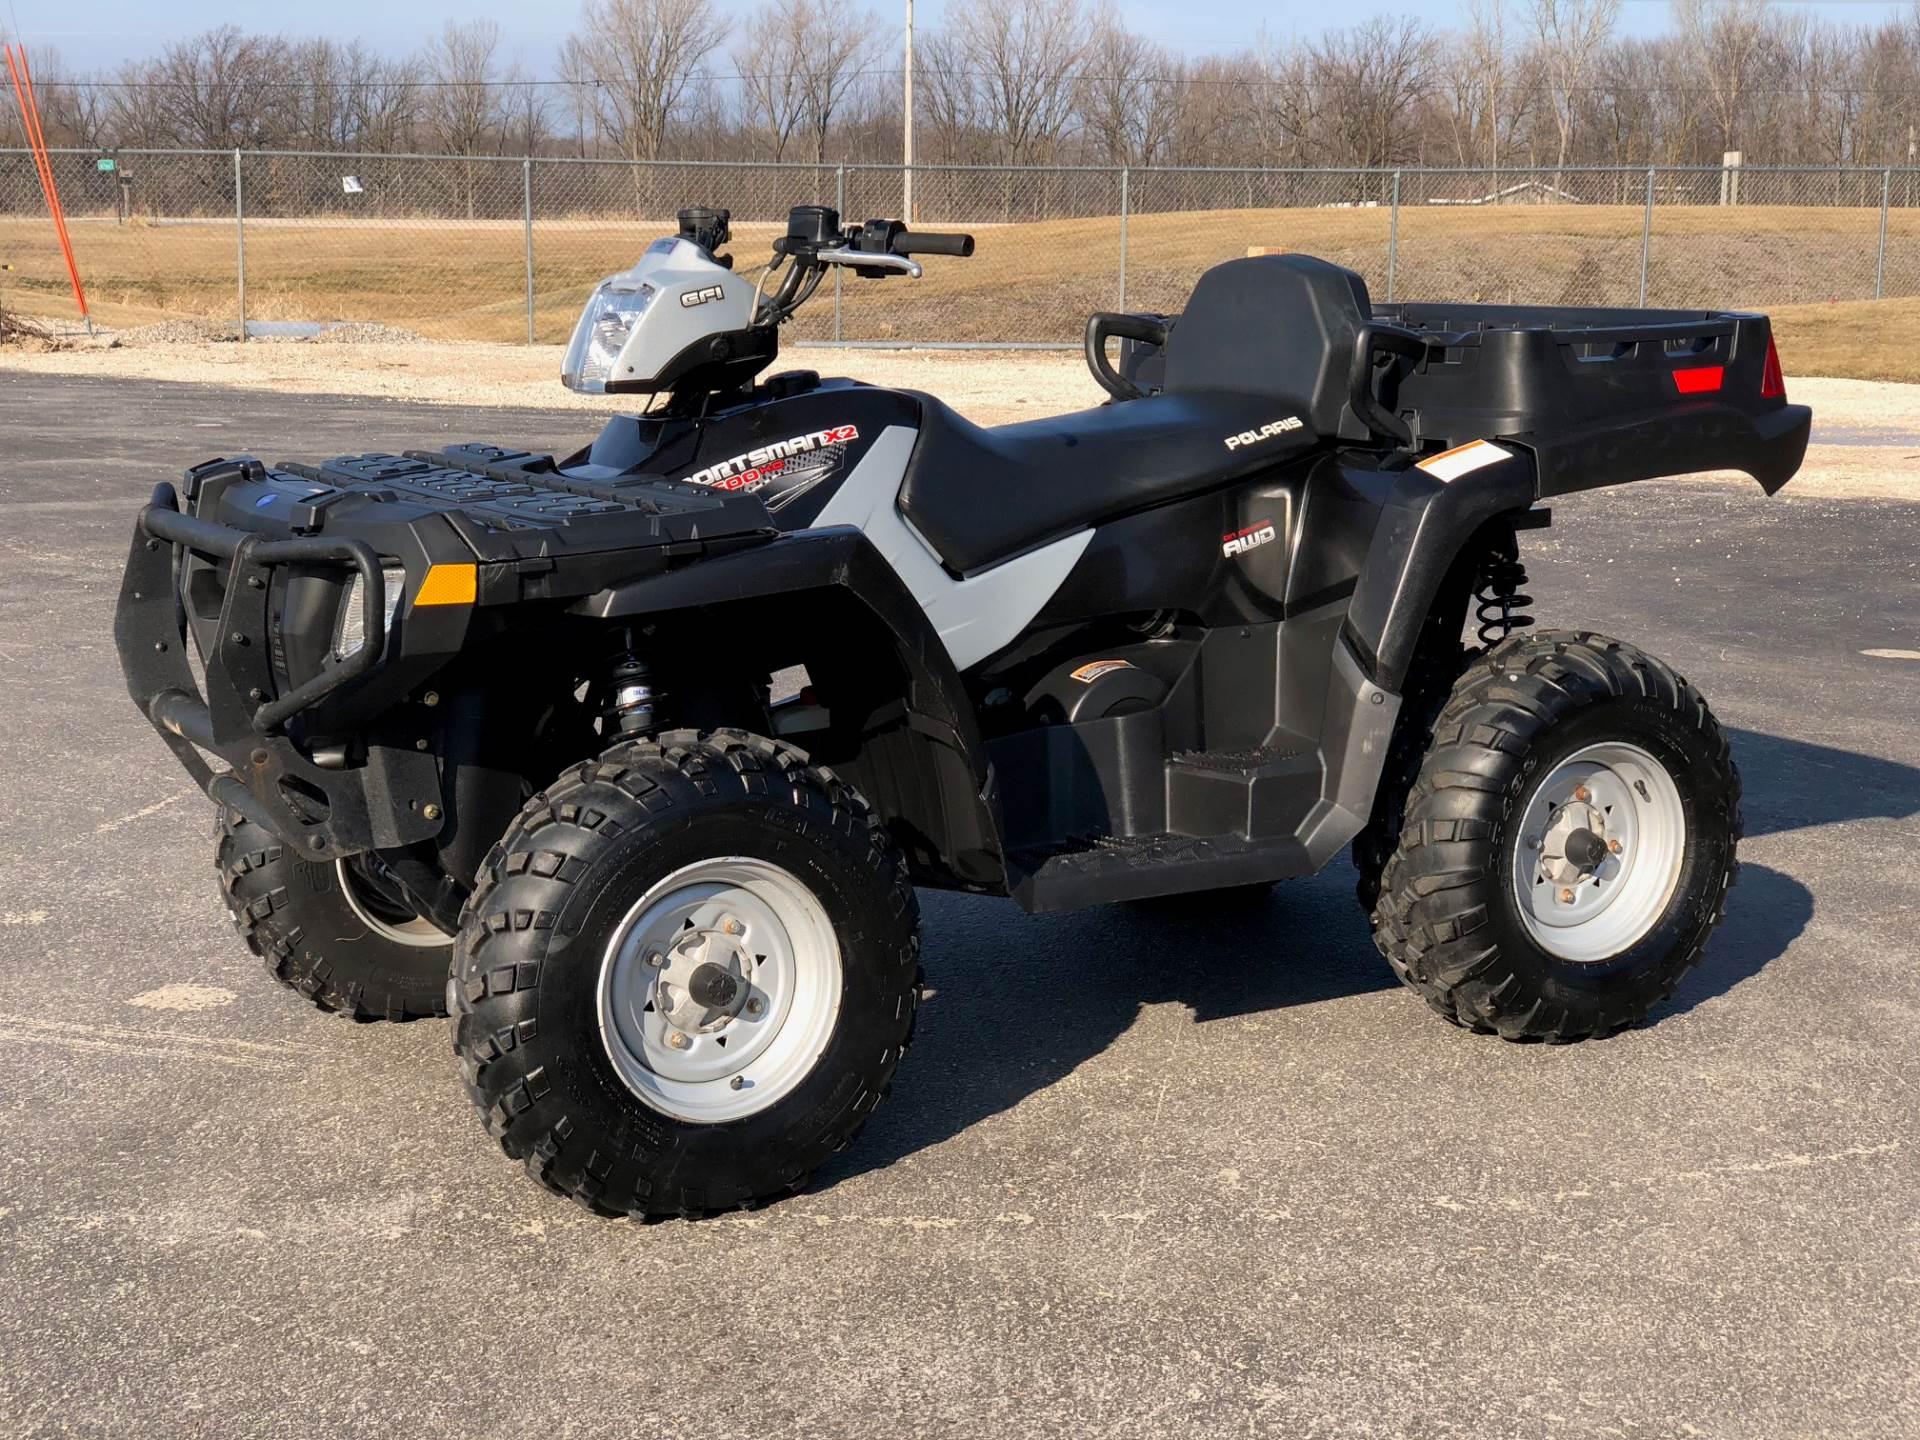 2007 Polaris X2 500 EFI 1